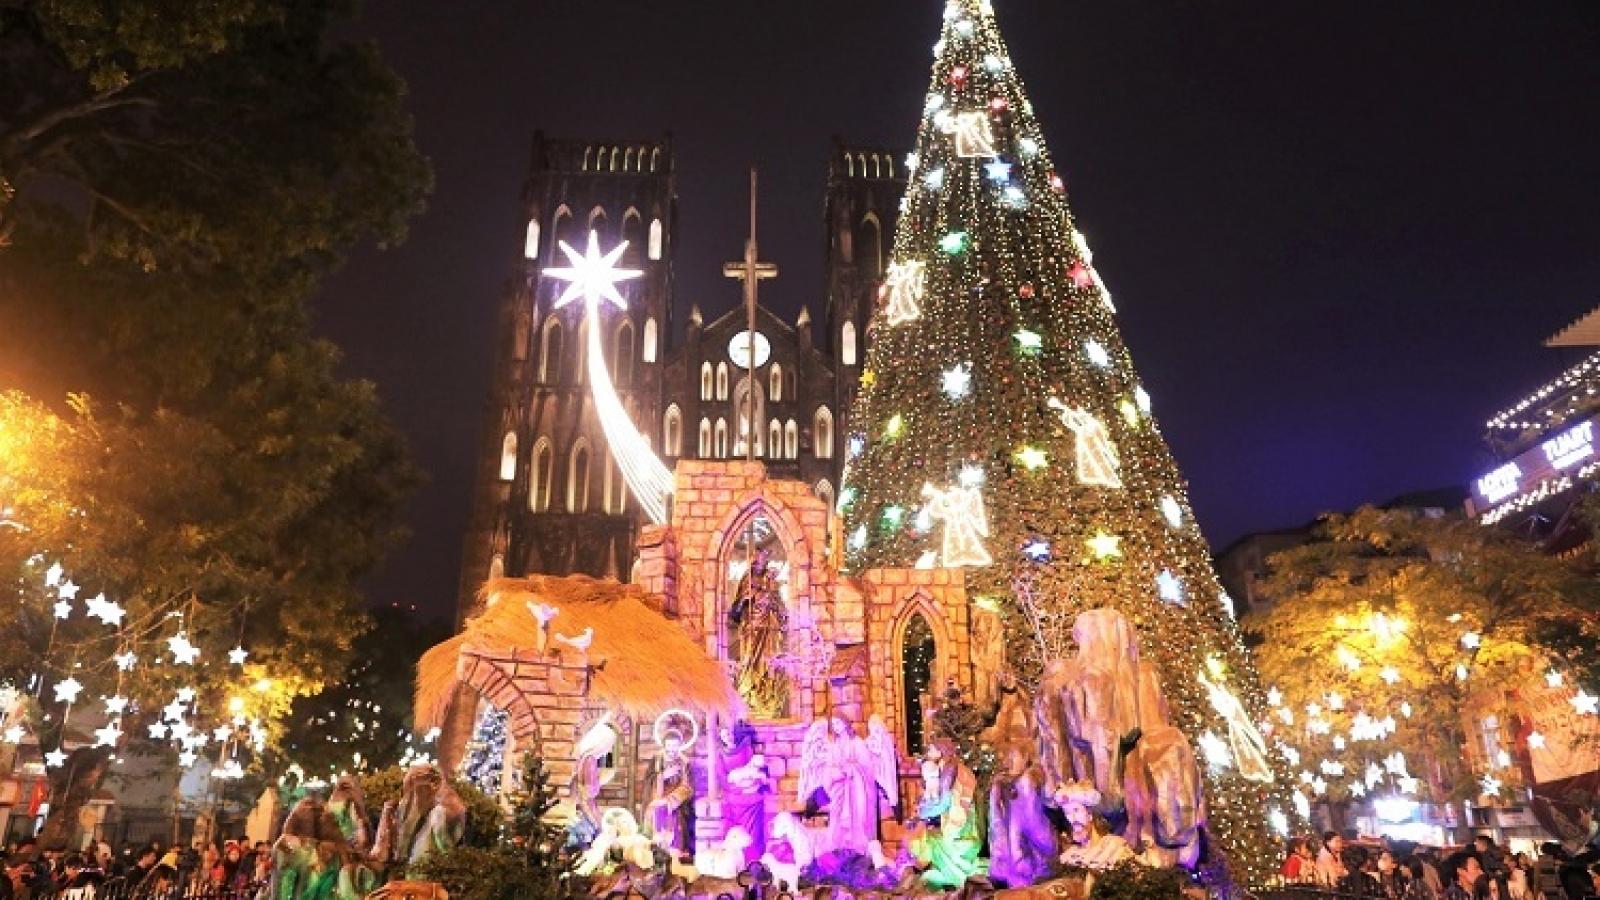 Hãy thêm nhiều đêm Noel cho trẻ